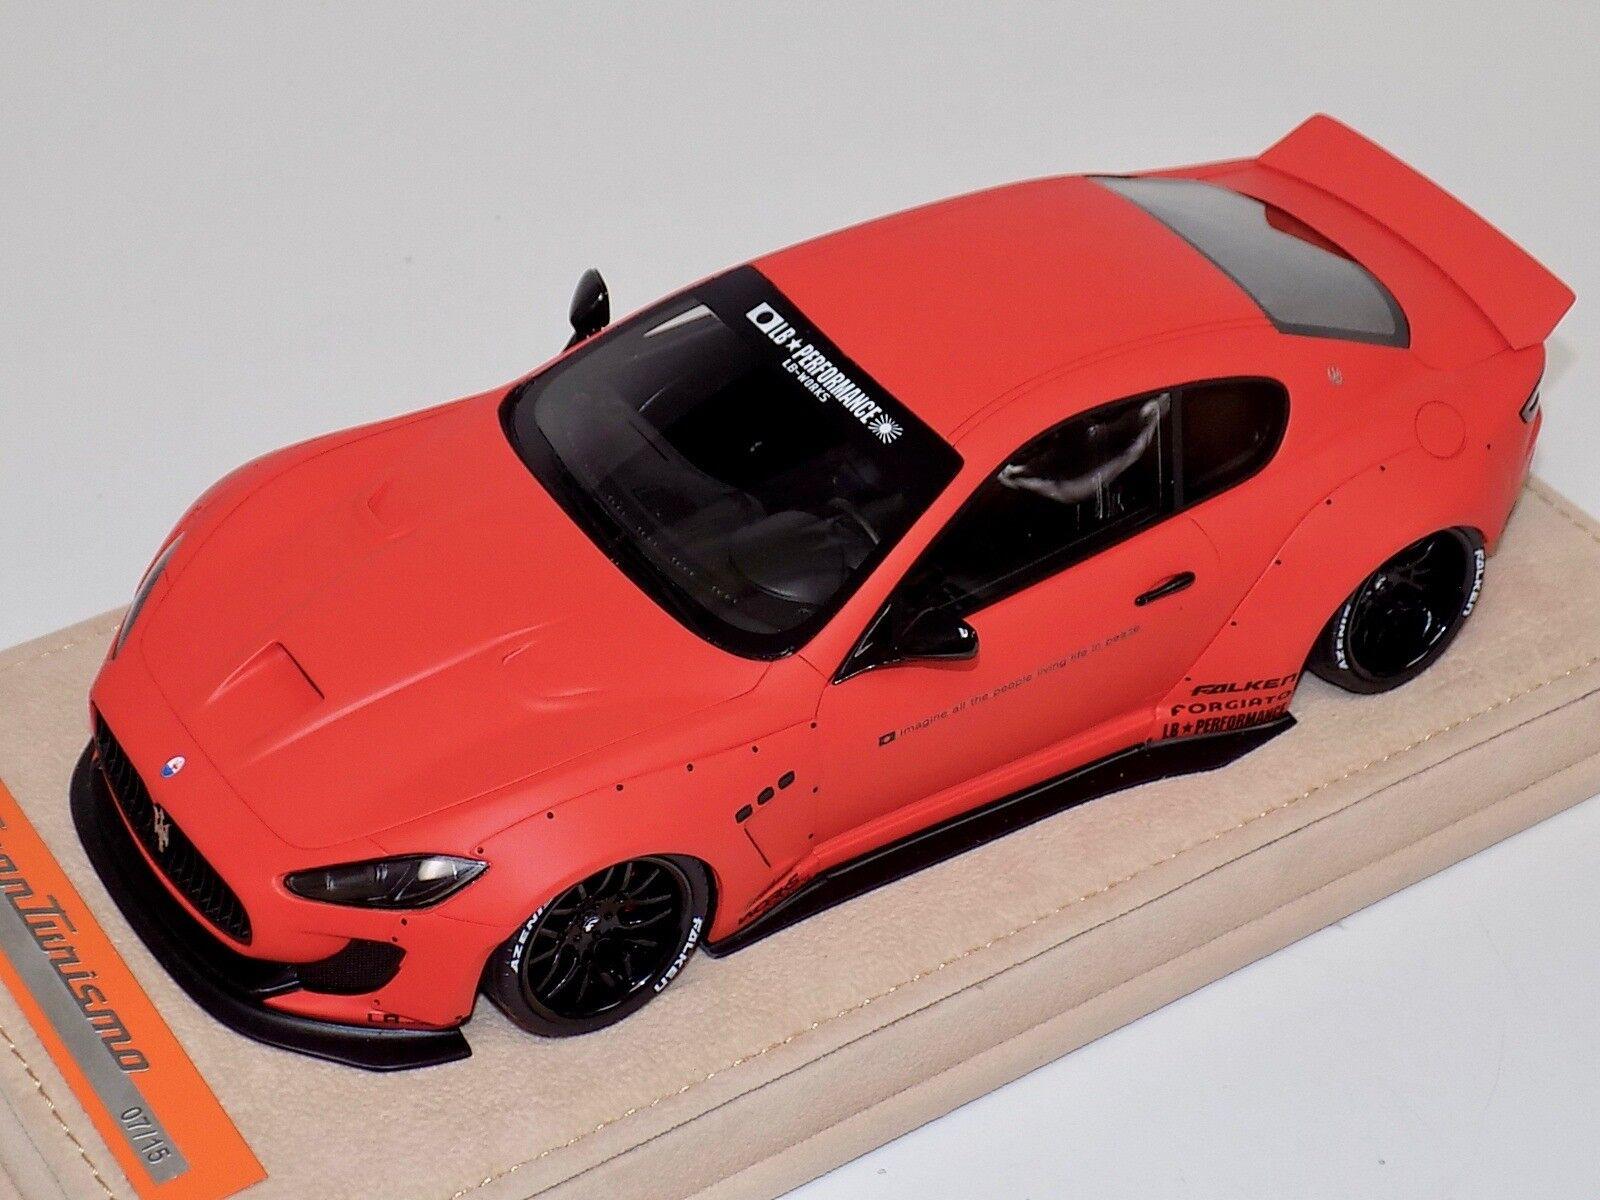 Modelos Maserati GranTurismo Liberty AB caminar Mate CALCOMANÍAS DE NARANJA Alcantara